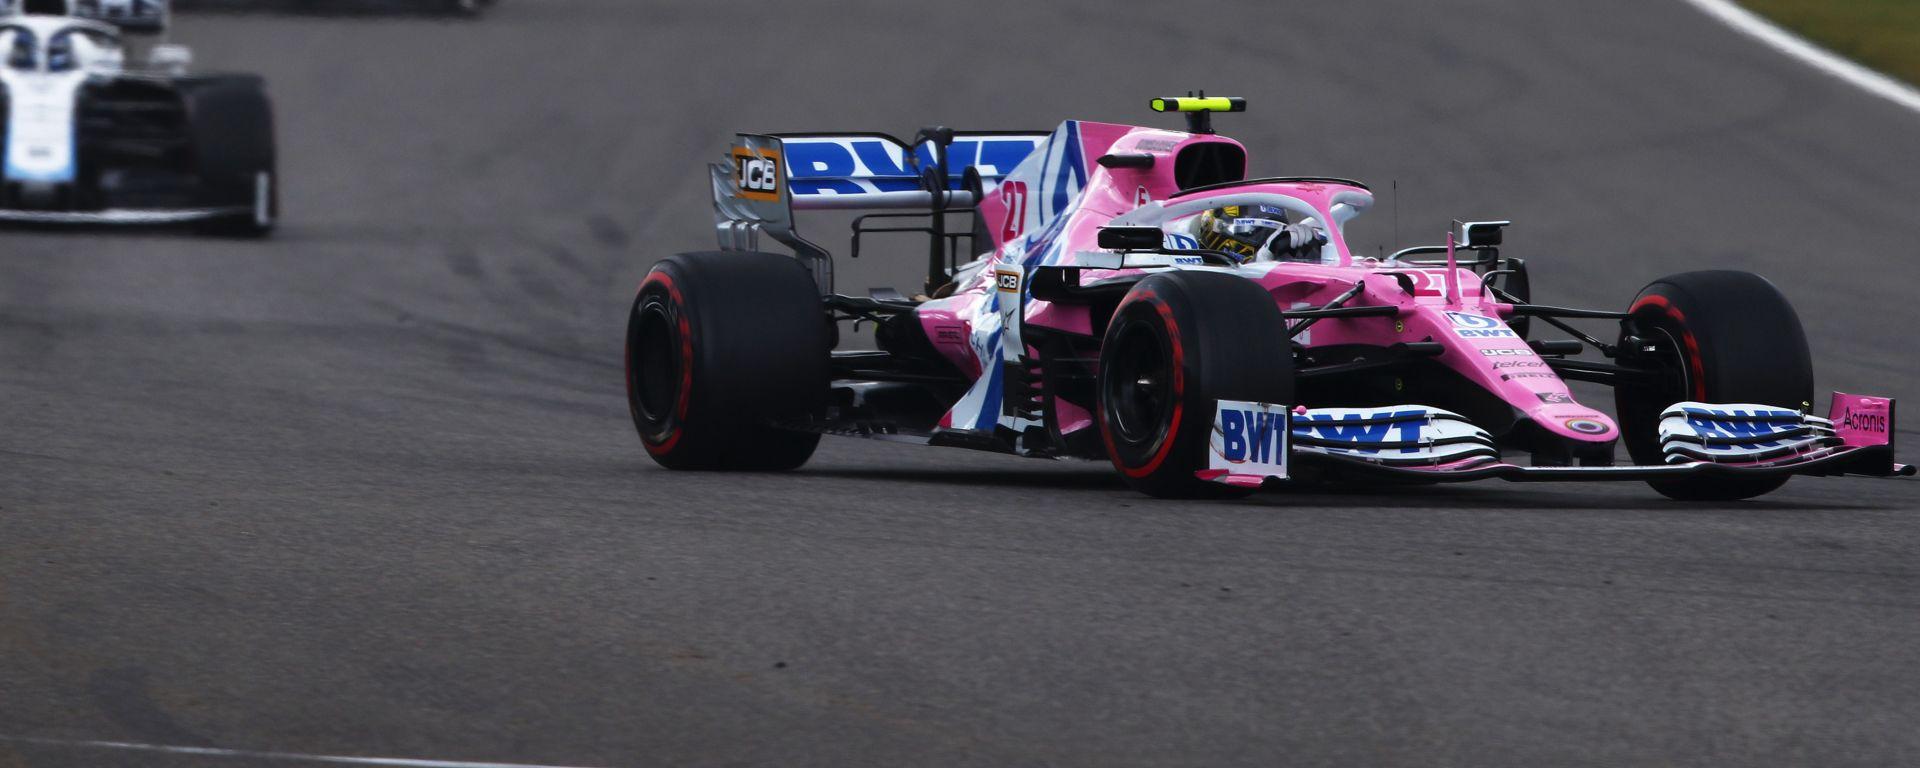 F1 GP Eifel 2020, Nurburgring: Nico Hulkenberg (Racing Point) in gara